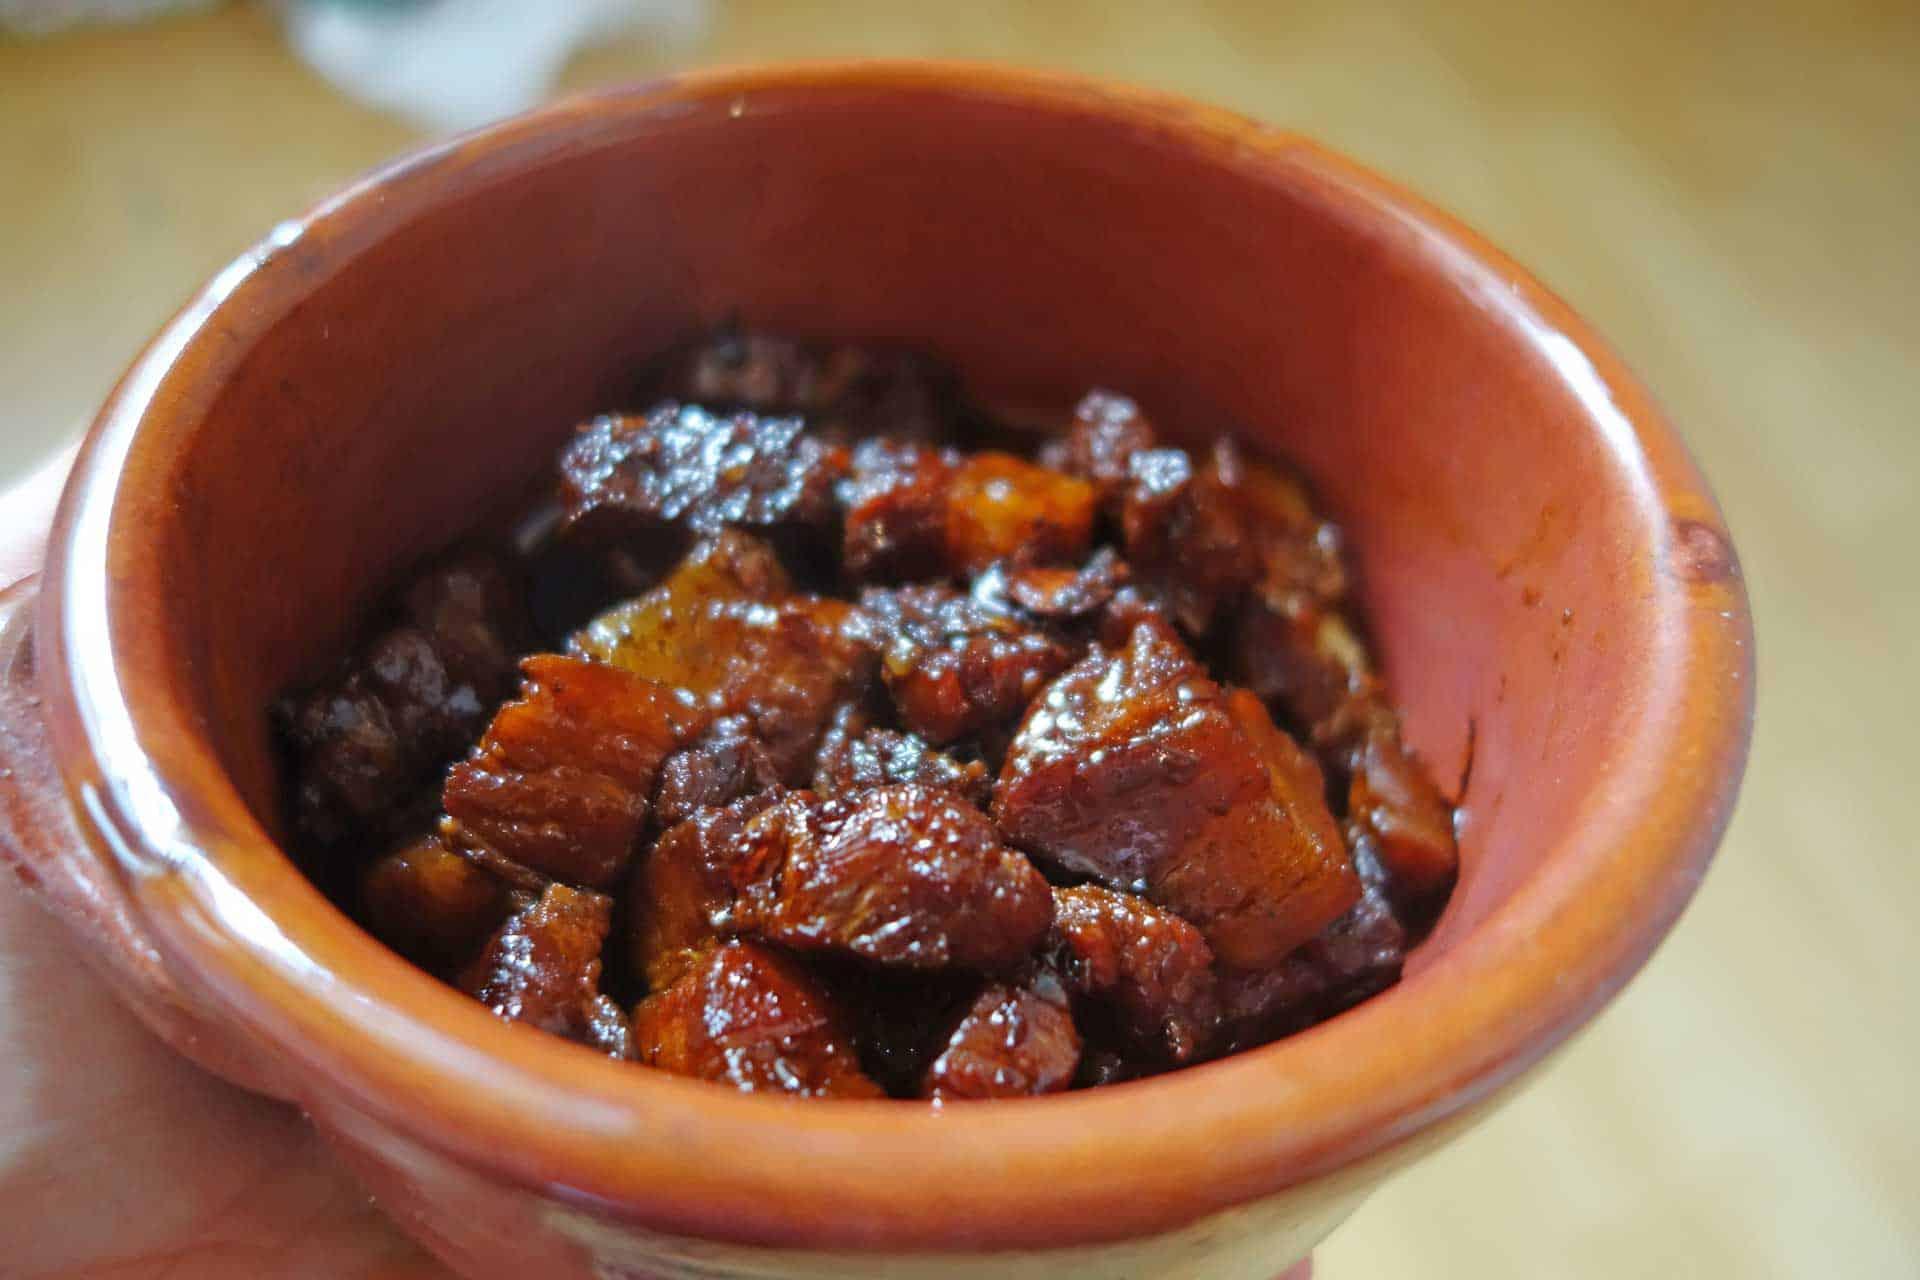 Entzuckend Kochen Mit ChiliCult: Hong Shao Rou, Mao Zedong Stil